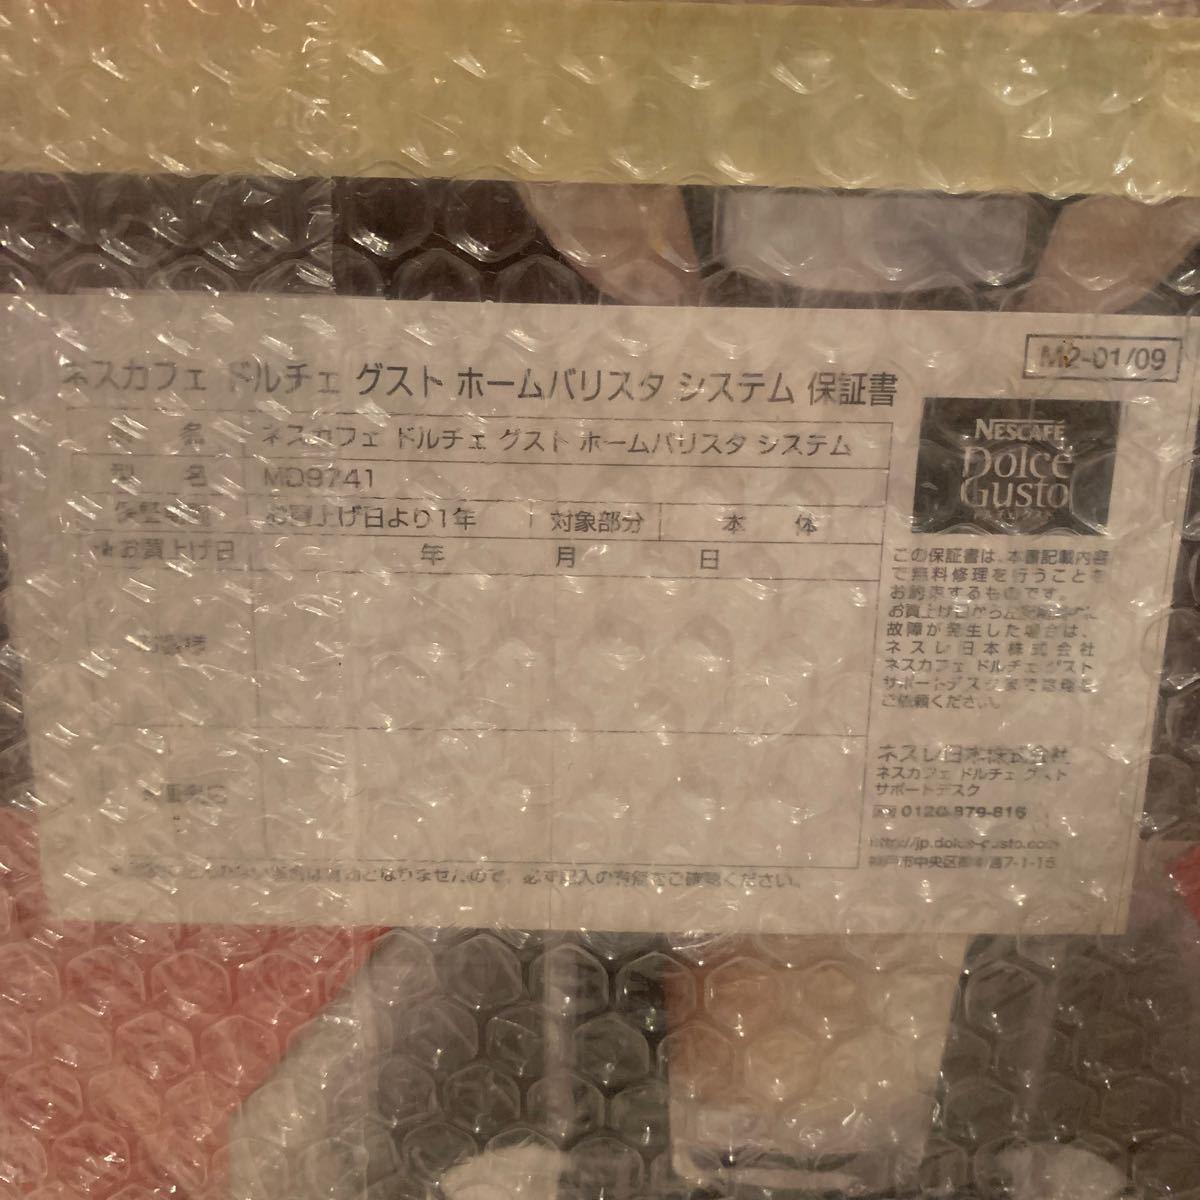 ネスカフェ ドルチェグスト MD9741 BK 新品未使用未開封 黒